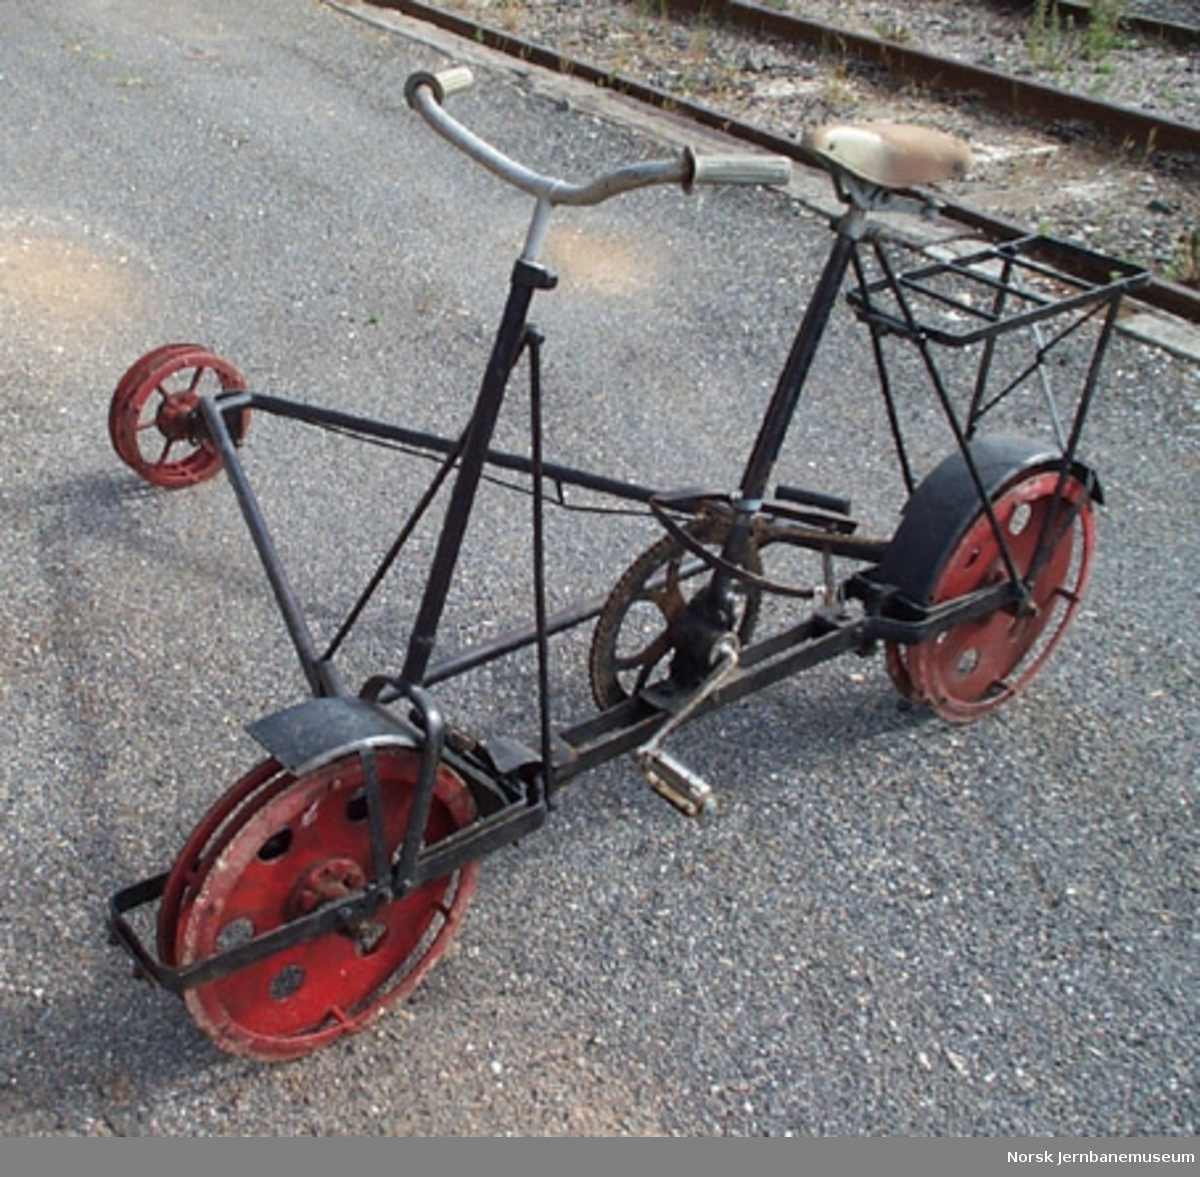 Inspeksjonstralle for normalspor : sykkeldresin med stålramme og lamellhjul